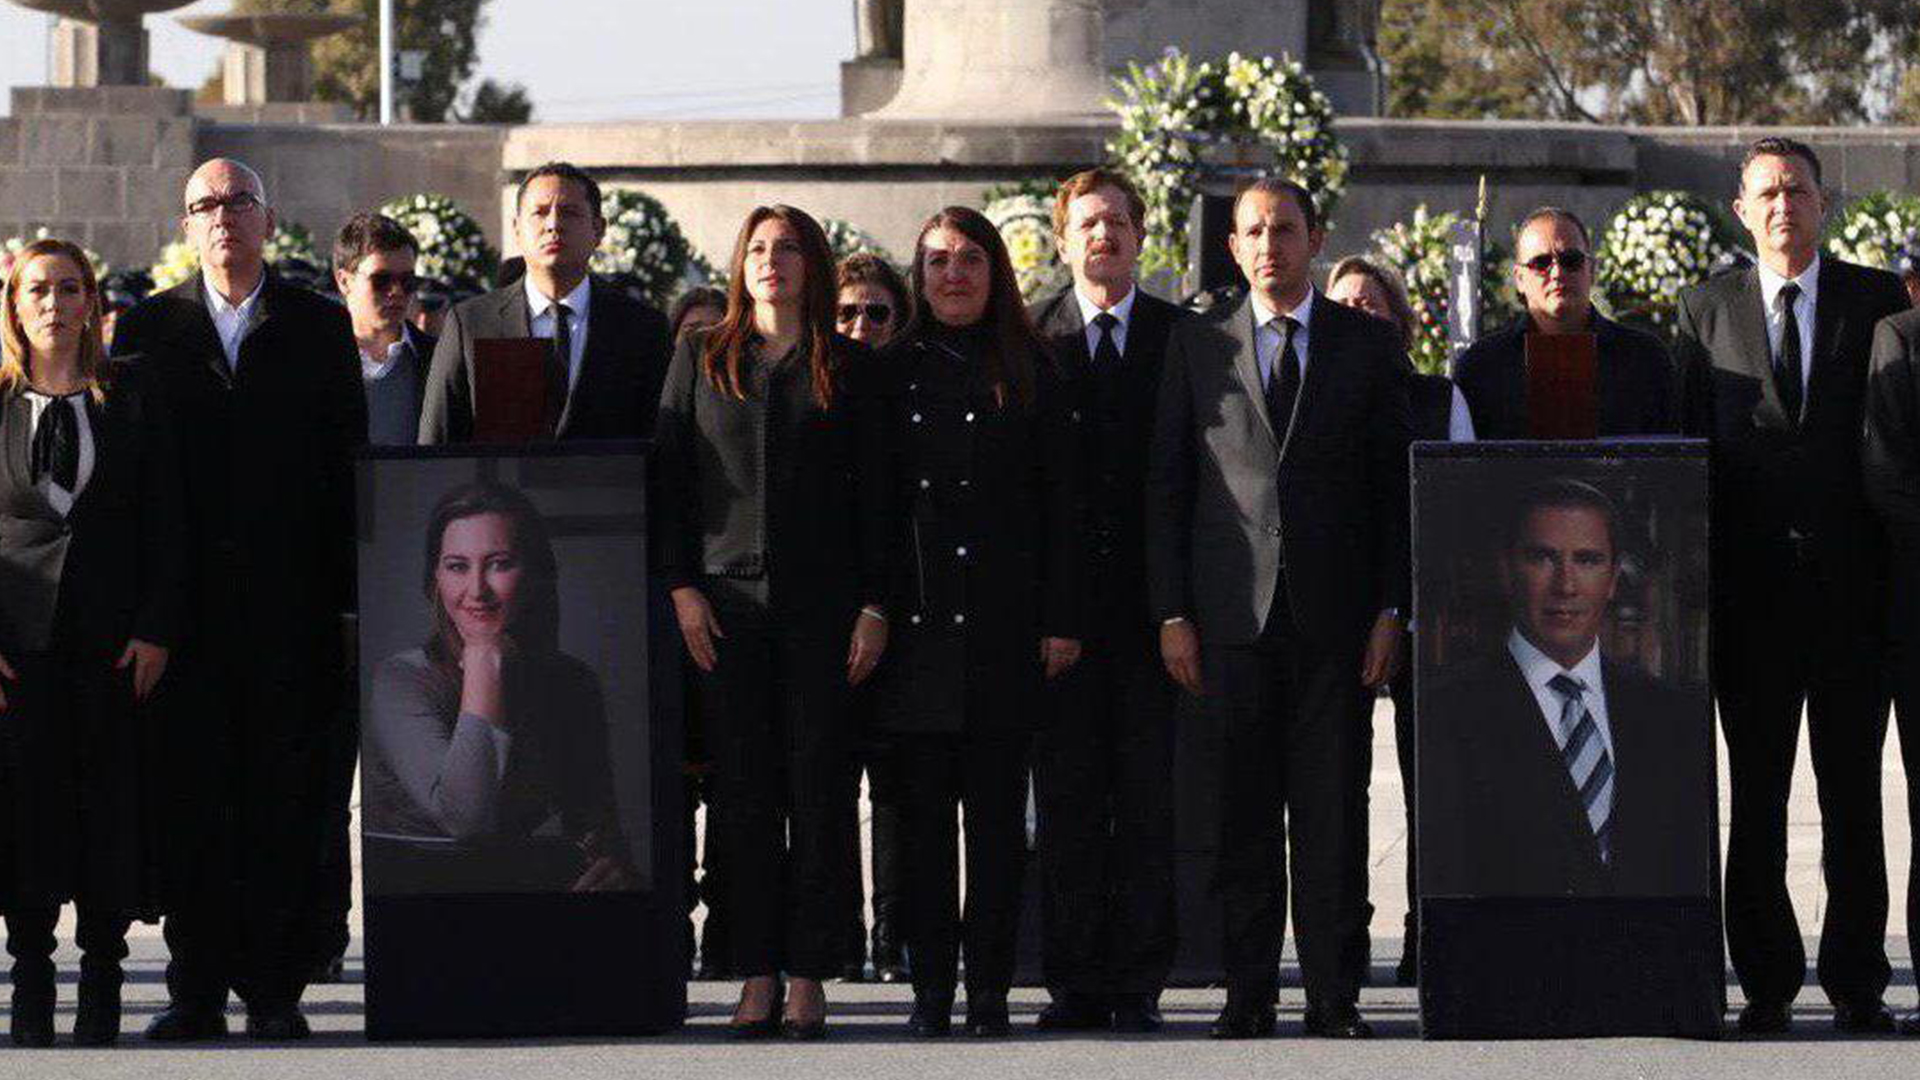 Representantes de distintos partidos políticos durante los funerales (Foto: Cortesía)